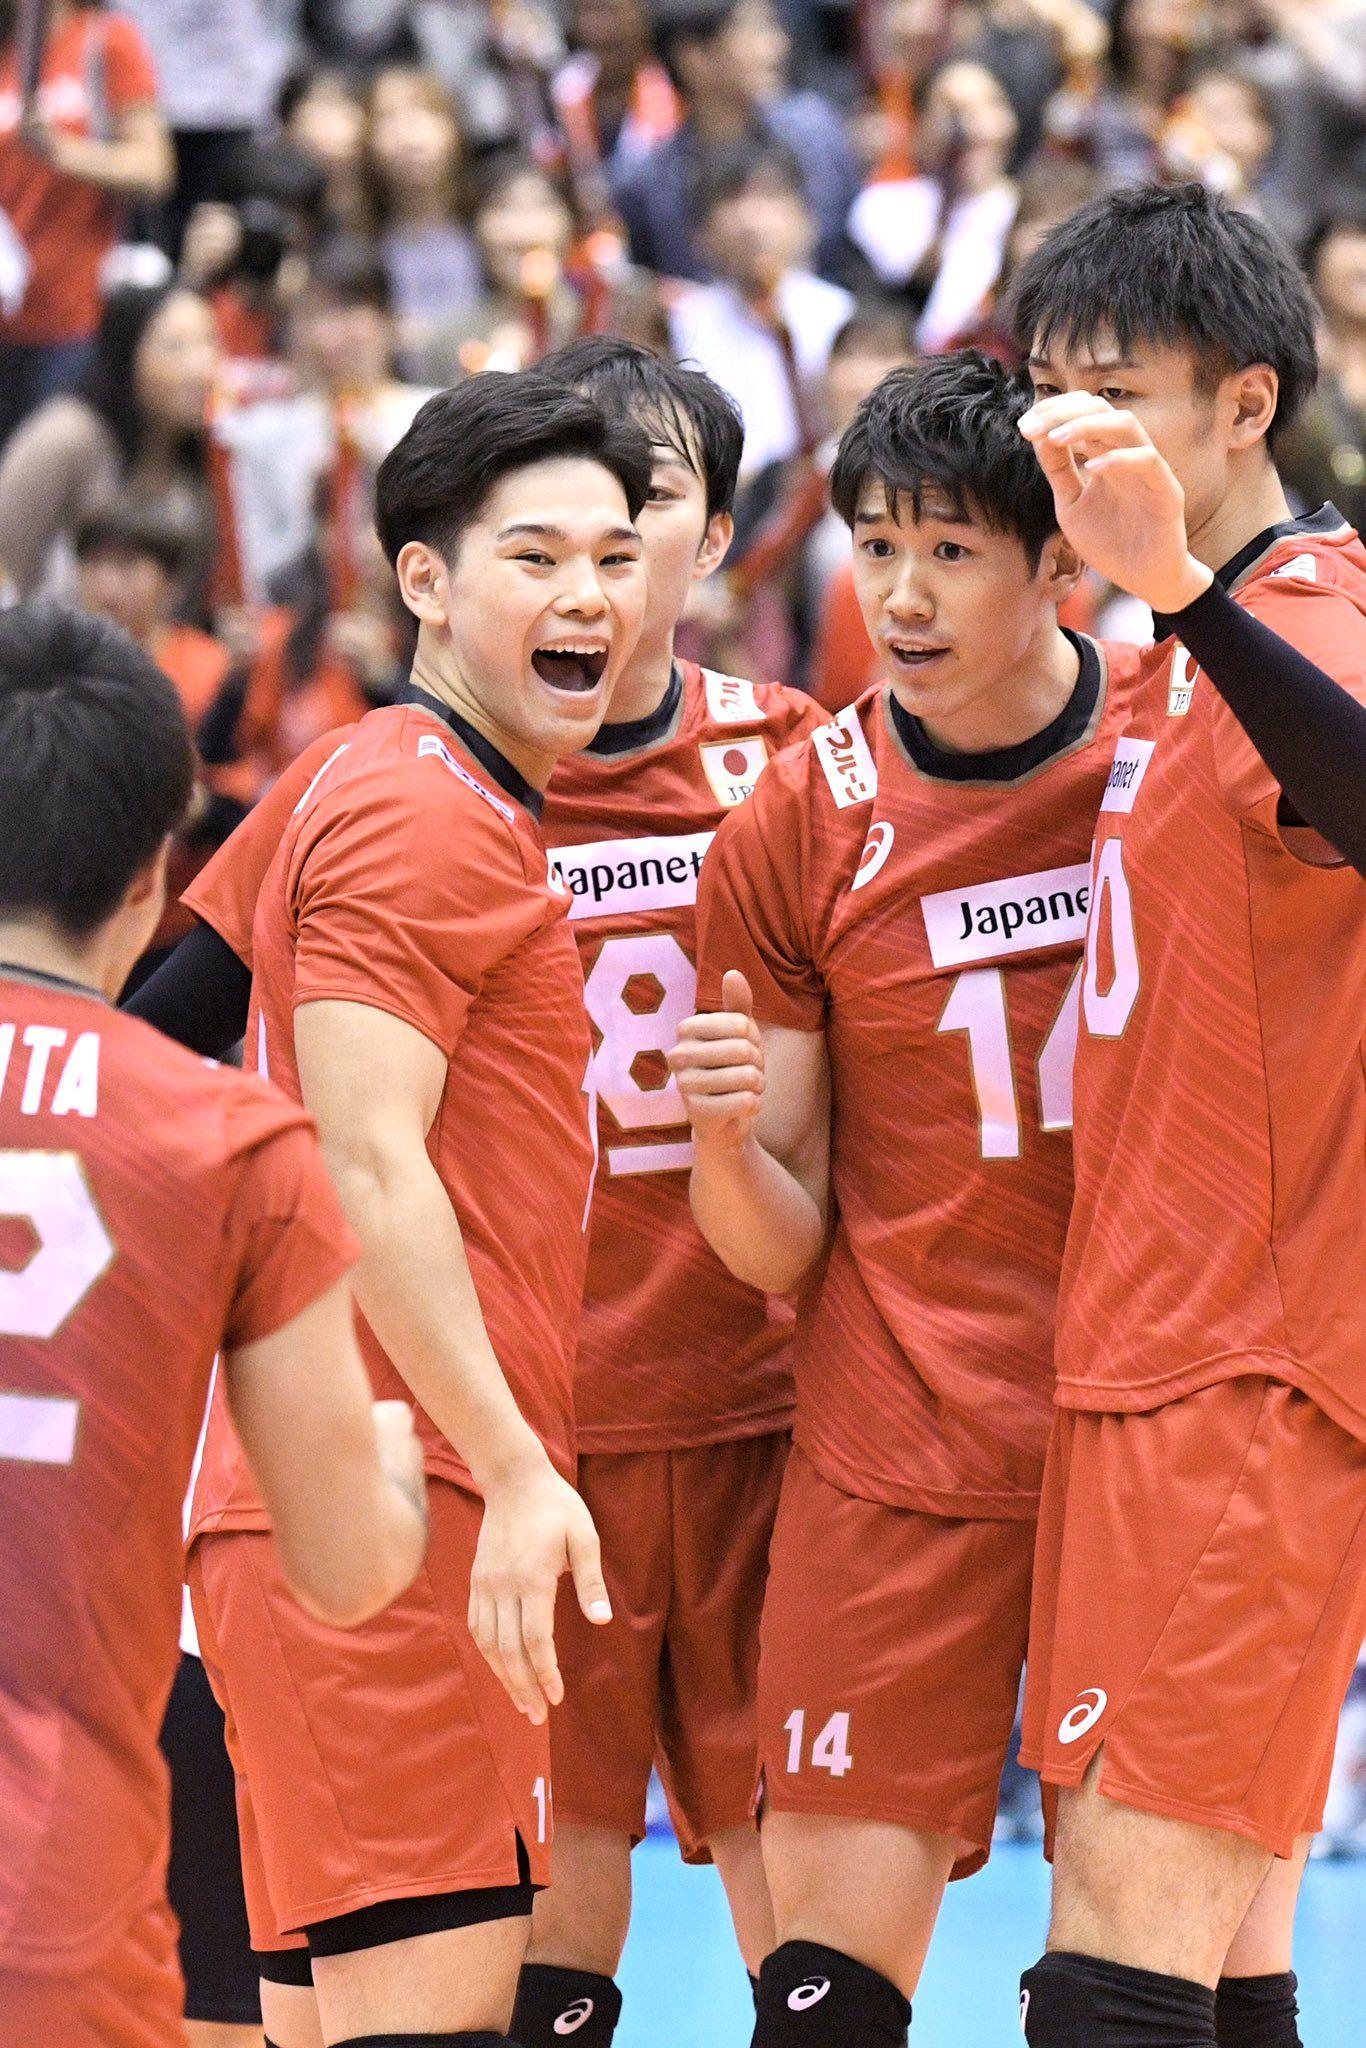 Schokolade S Mserdbeerprinz In 2020 Volleyball Players Japan Volleyball Team Women Volleyball